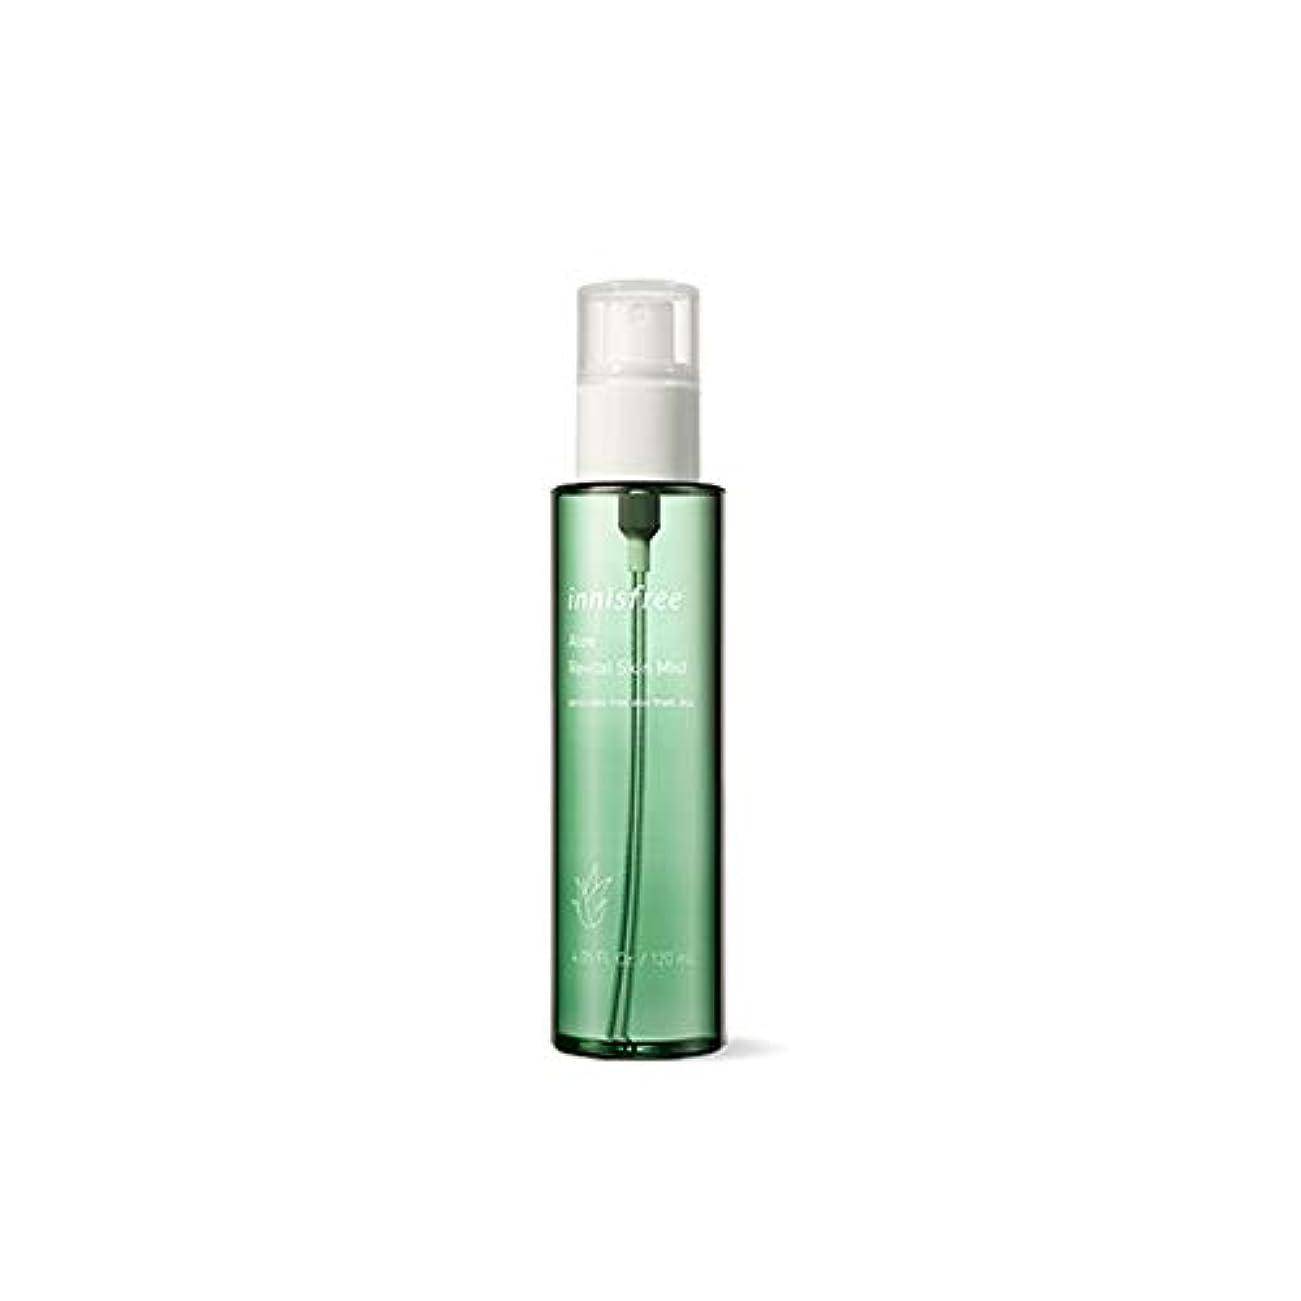 旅行代理店写真を撮るタイトイニスフリー Innisfree アロエ リバイタル スキンミスト(120ml)2015.6. Innisfree Aloe Revital Skin Mist(120ml) [海外直送品]